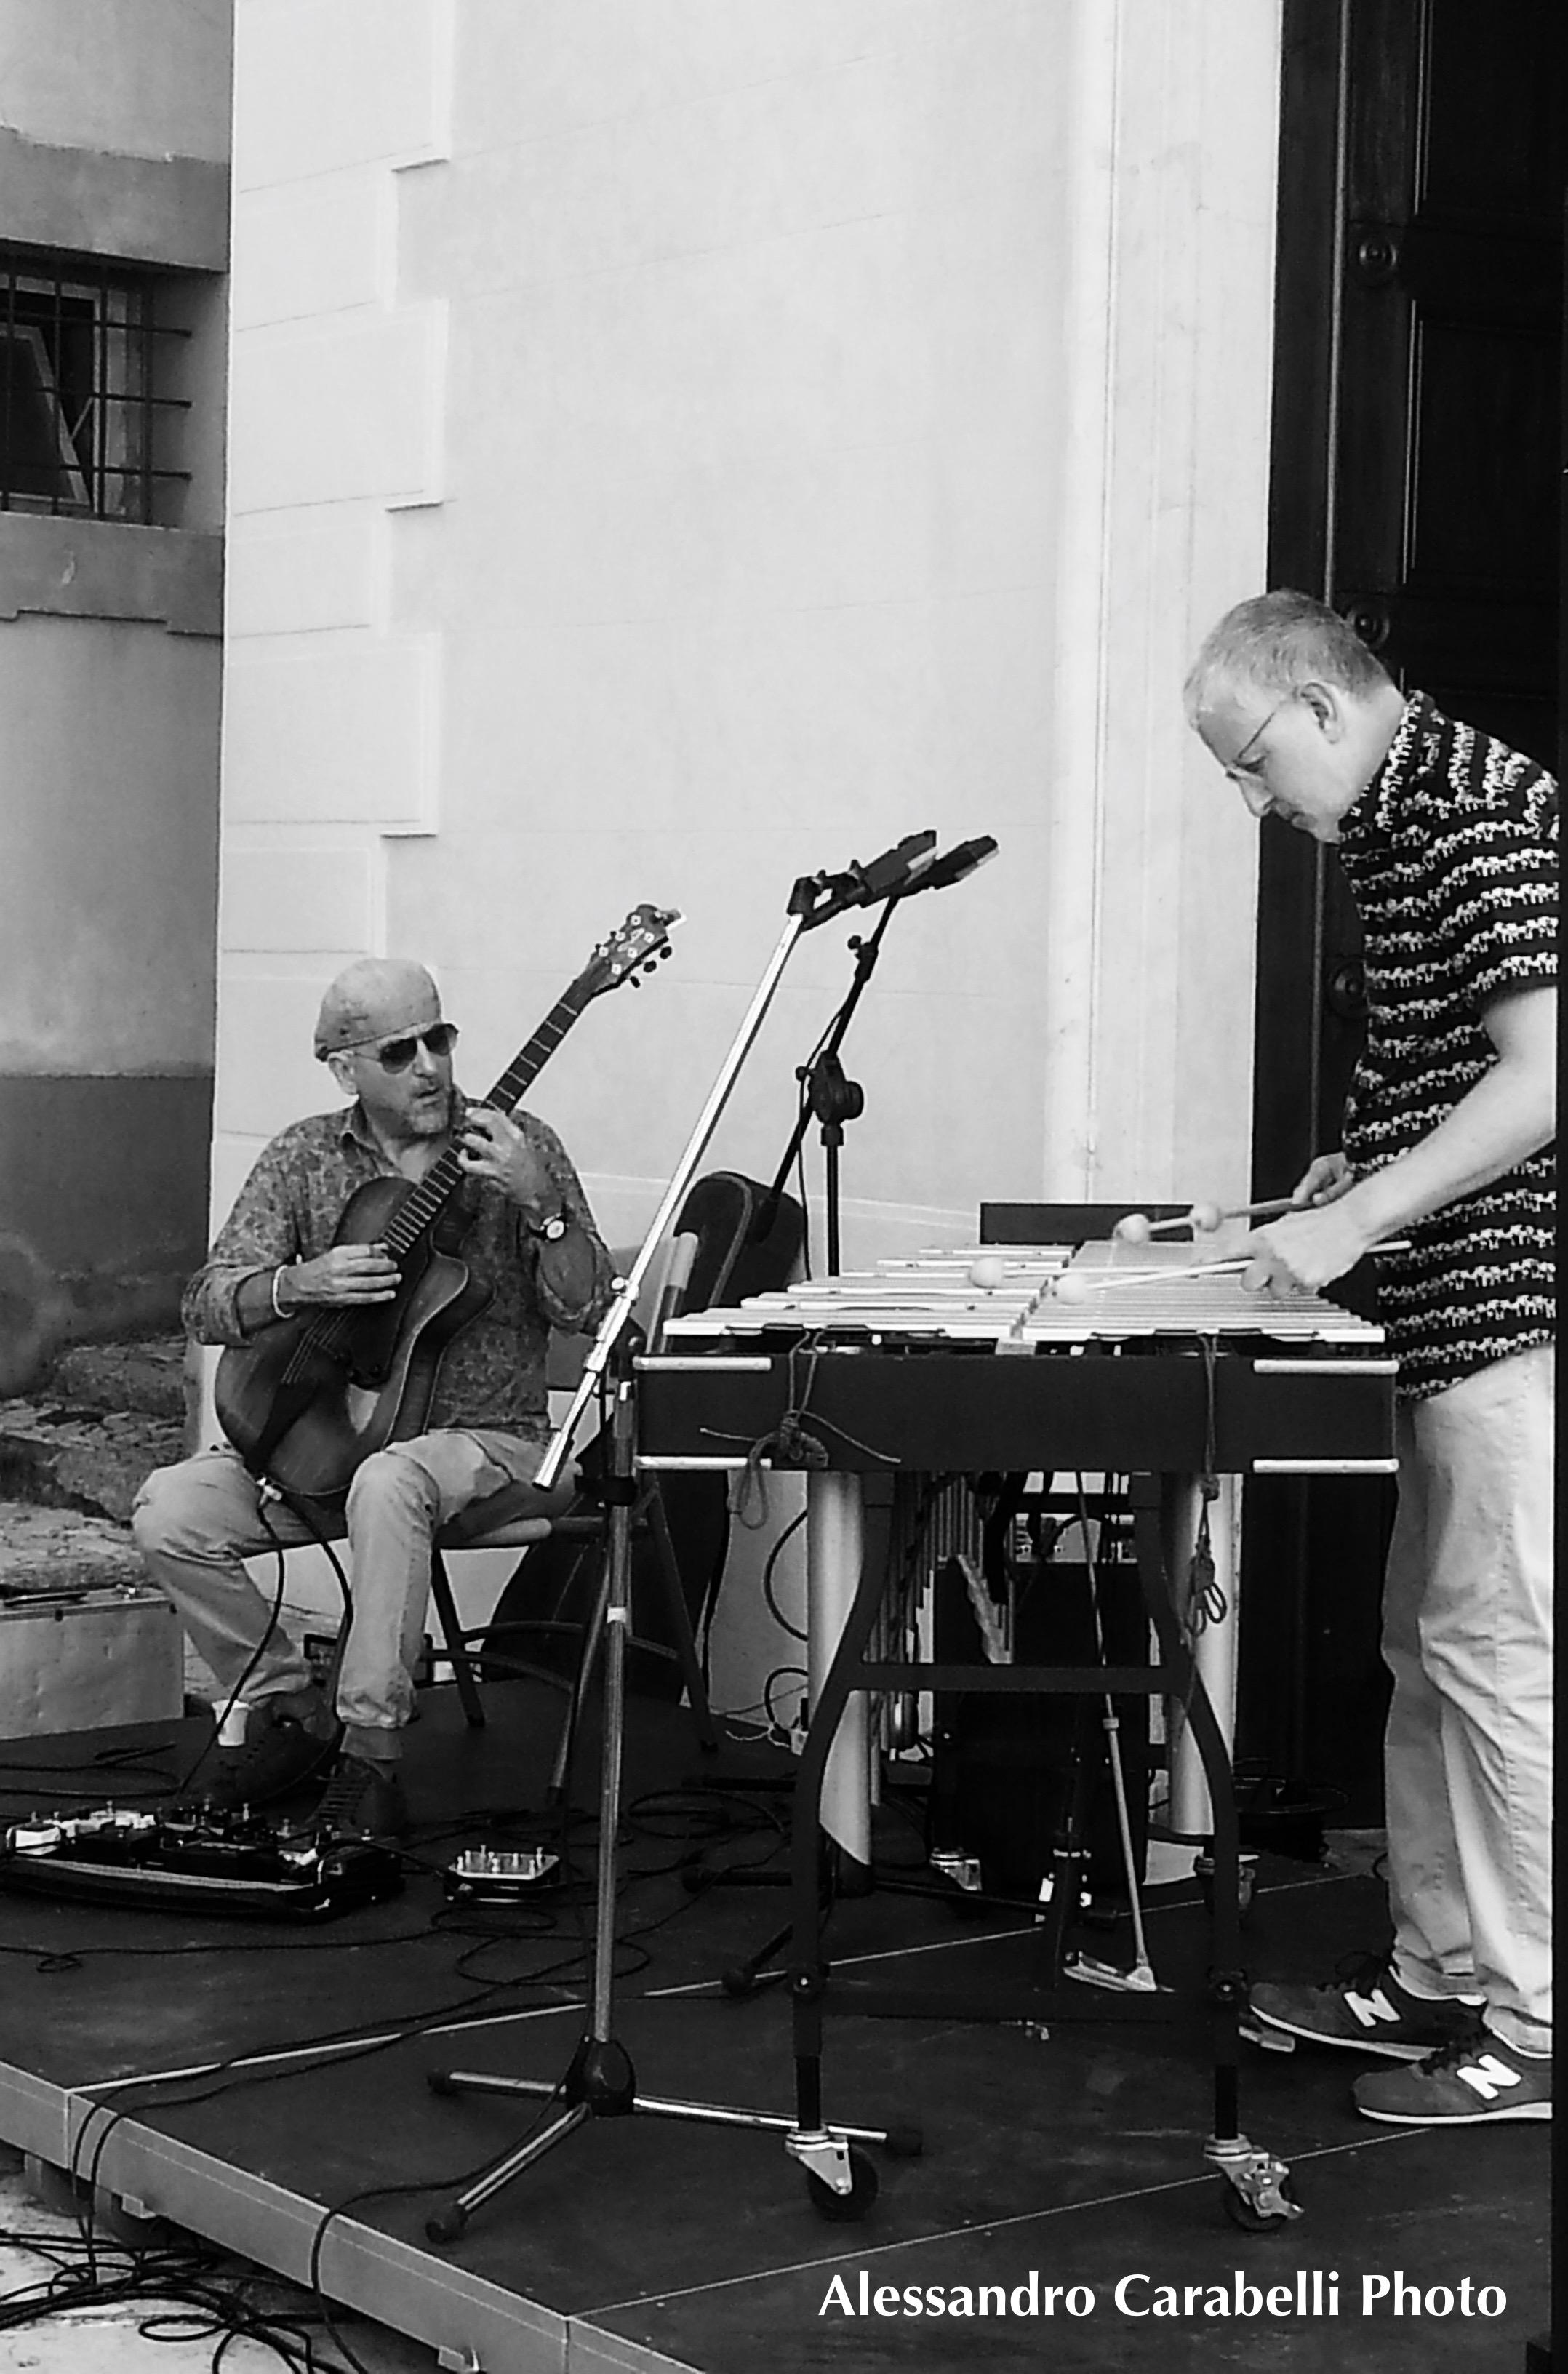 Alessandro Carabelli<br/>Bebo Ferra e Andrea Dulbecco a Suoni d&#8217;acqua<br/>Reportage